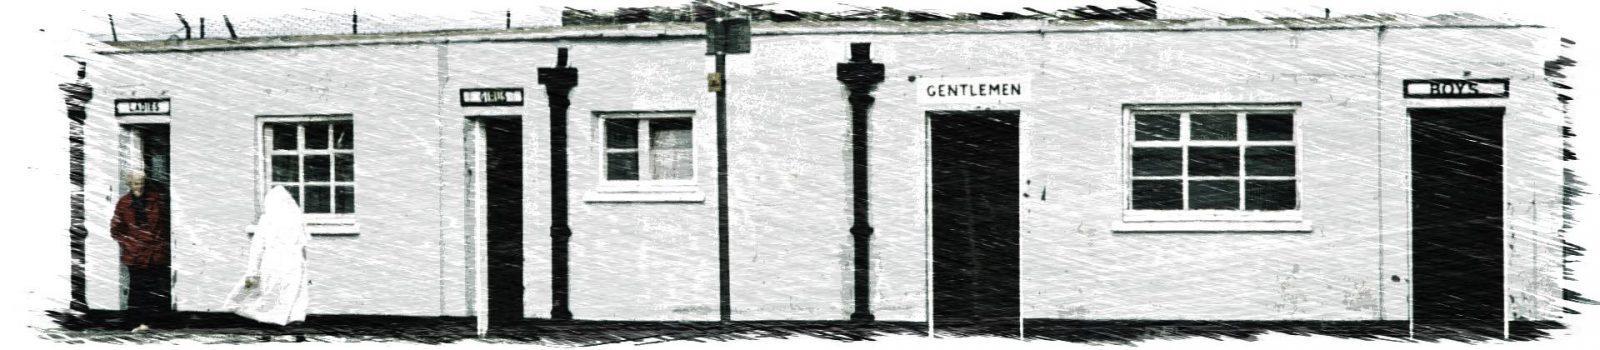 Openbaar toilet in Engeland 1979